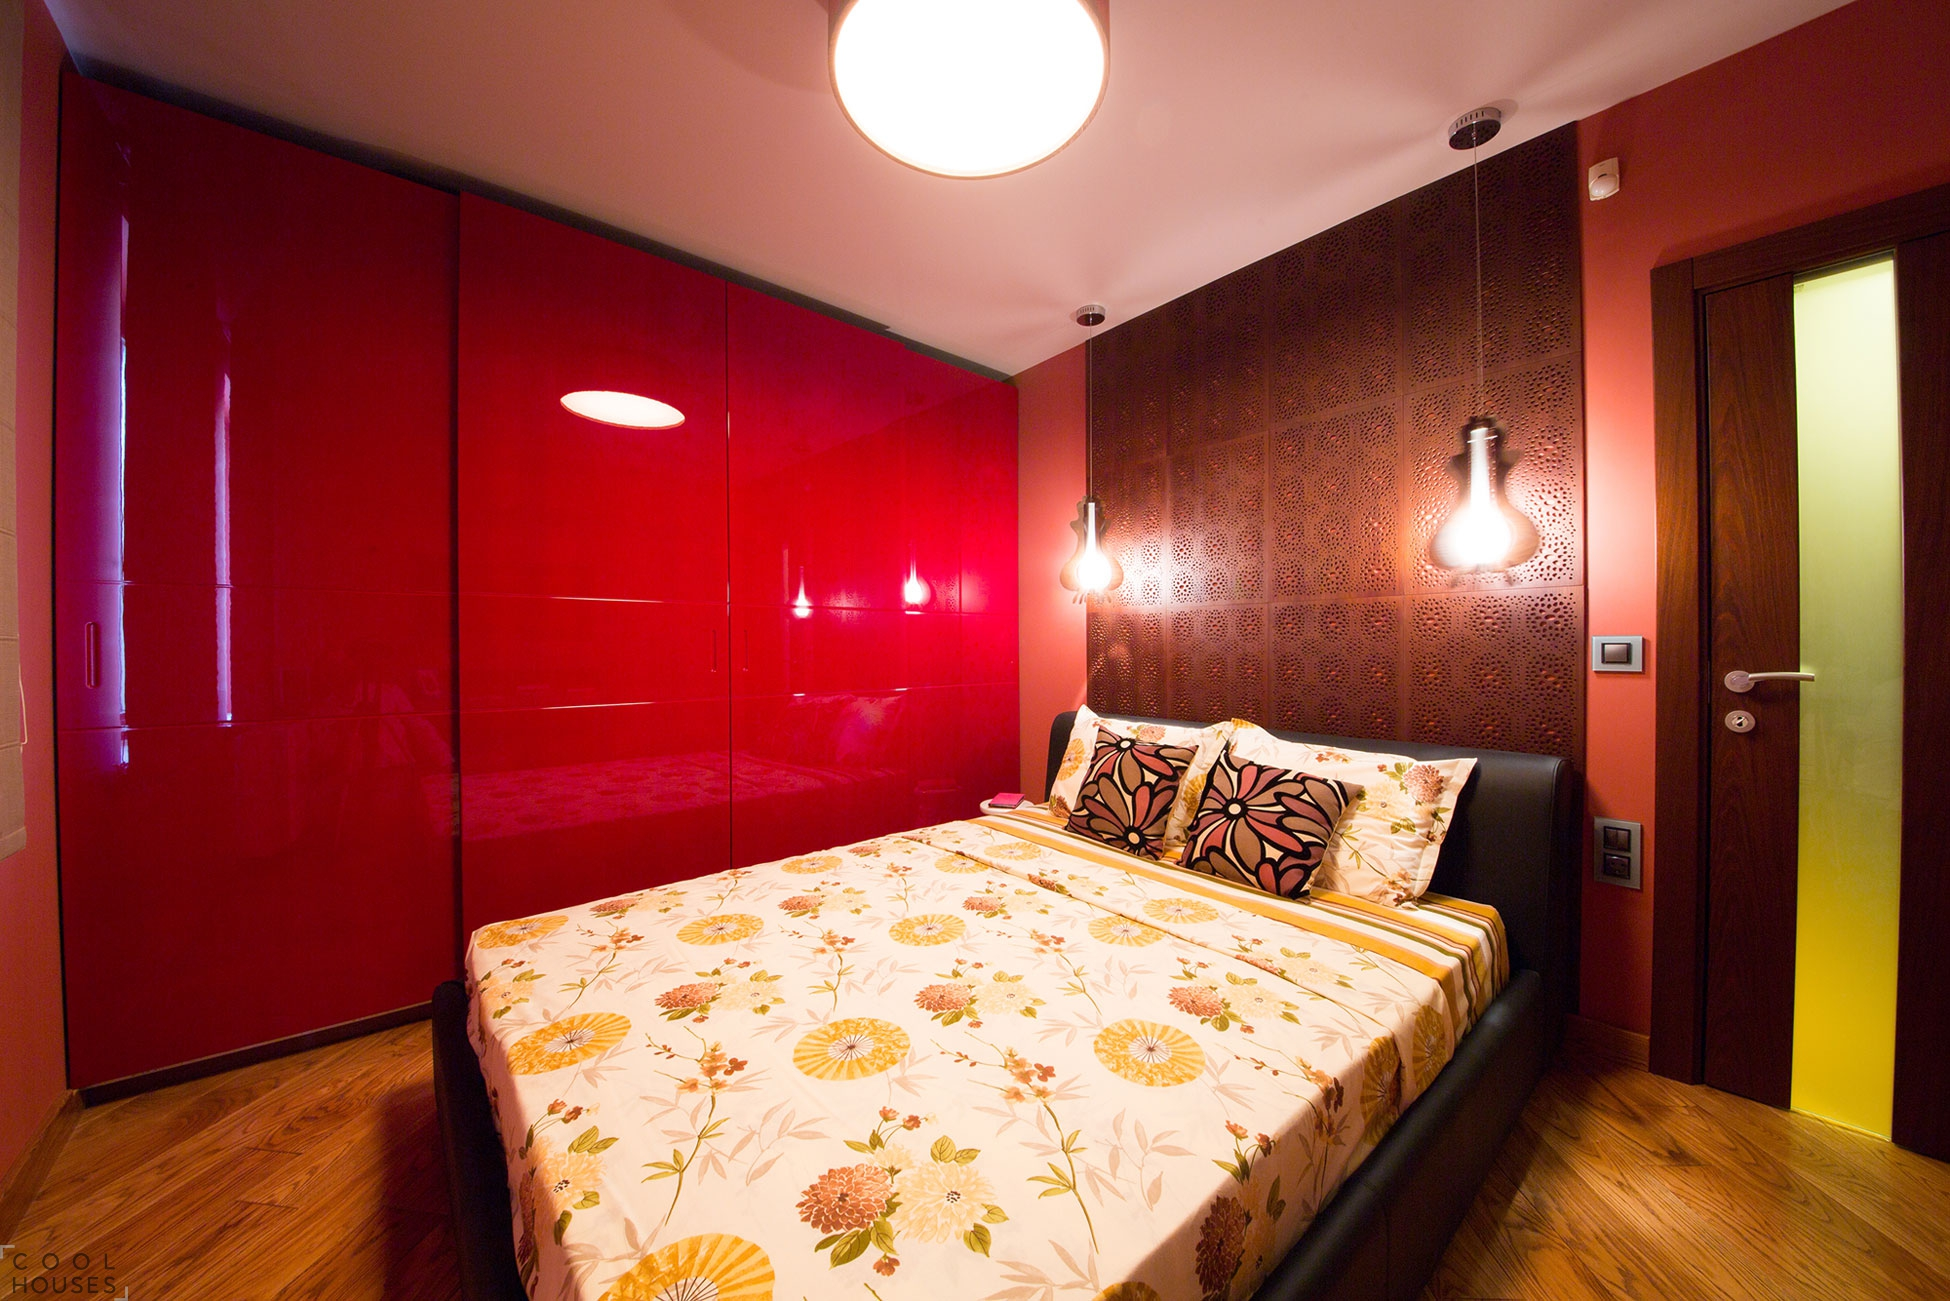 Апартаменты площадью 120кв. м. в Варне, Болгария